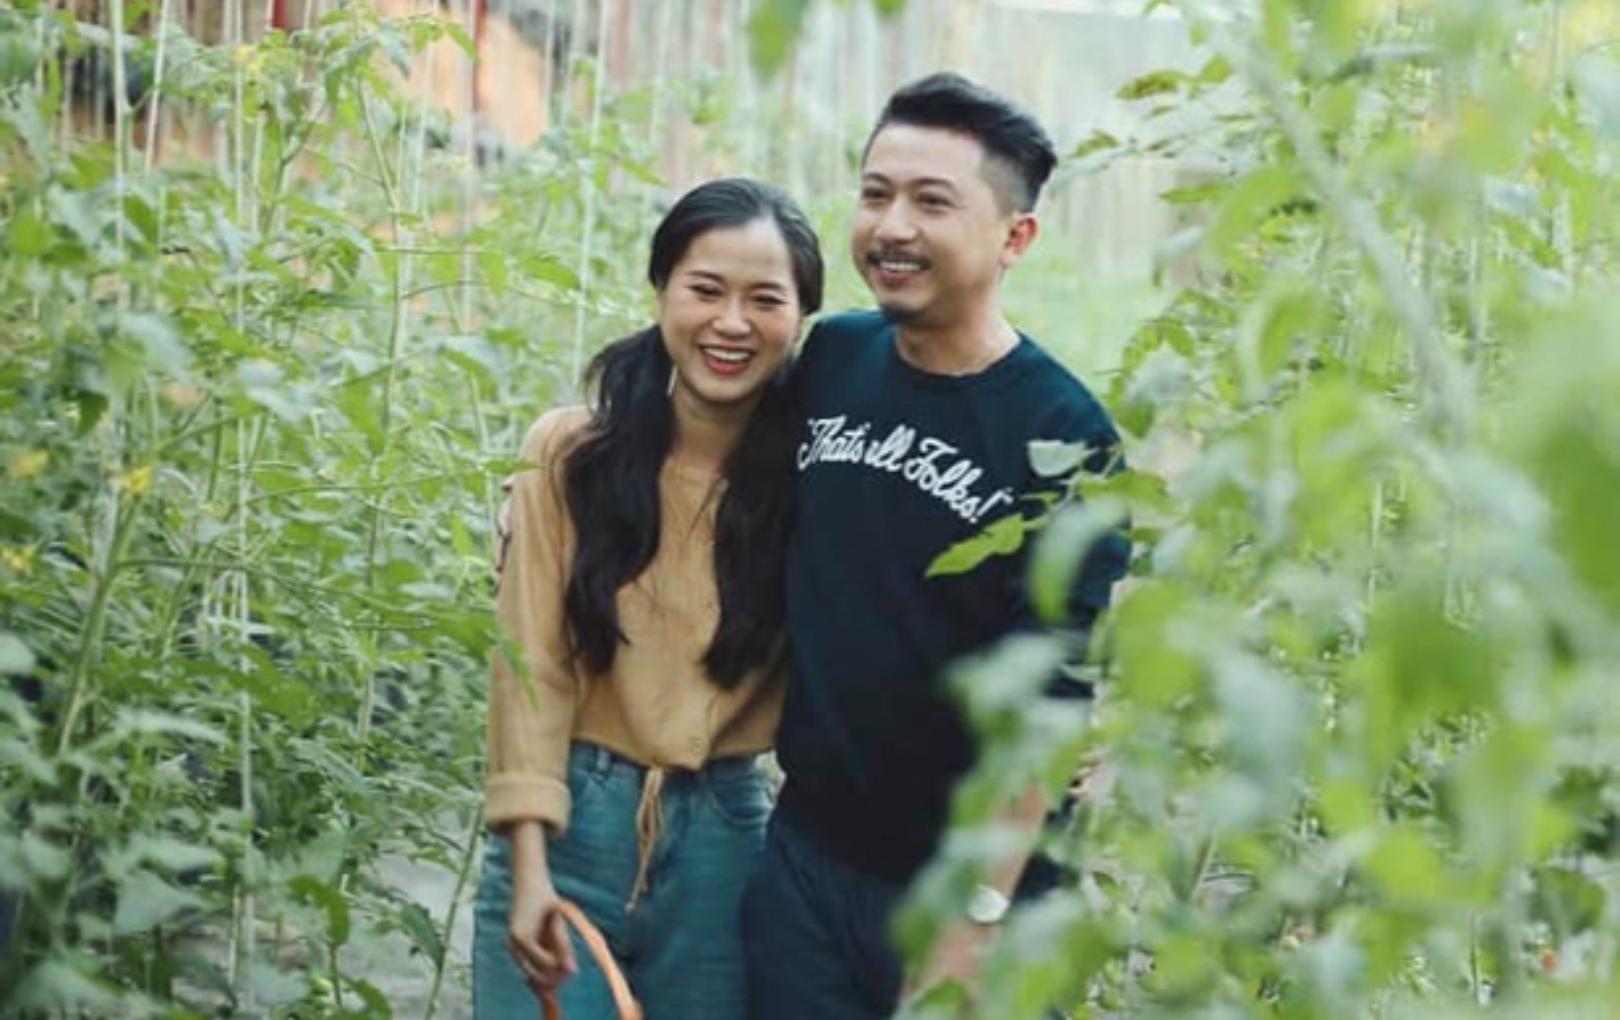 Rơi nước mắt trước lời xin lỗi của Hứa Minh Đạt gửi Lâm Vỹ Dạ nhân kỉ niệm 10 năm ngày cưới